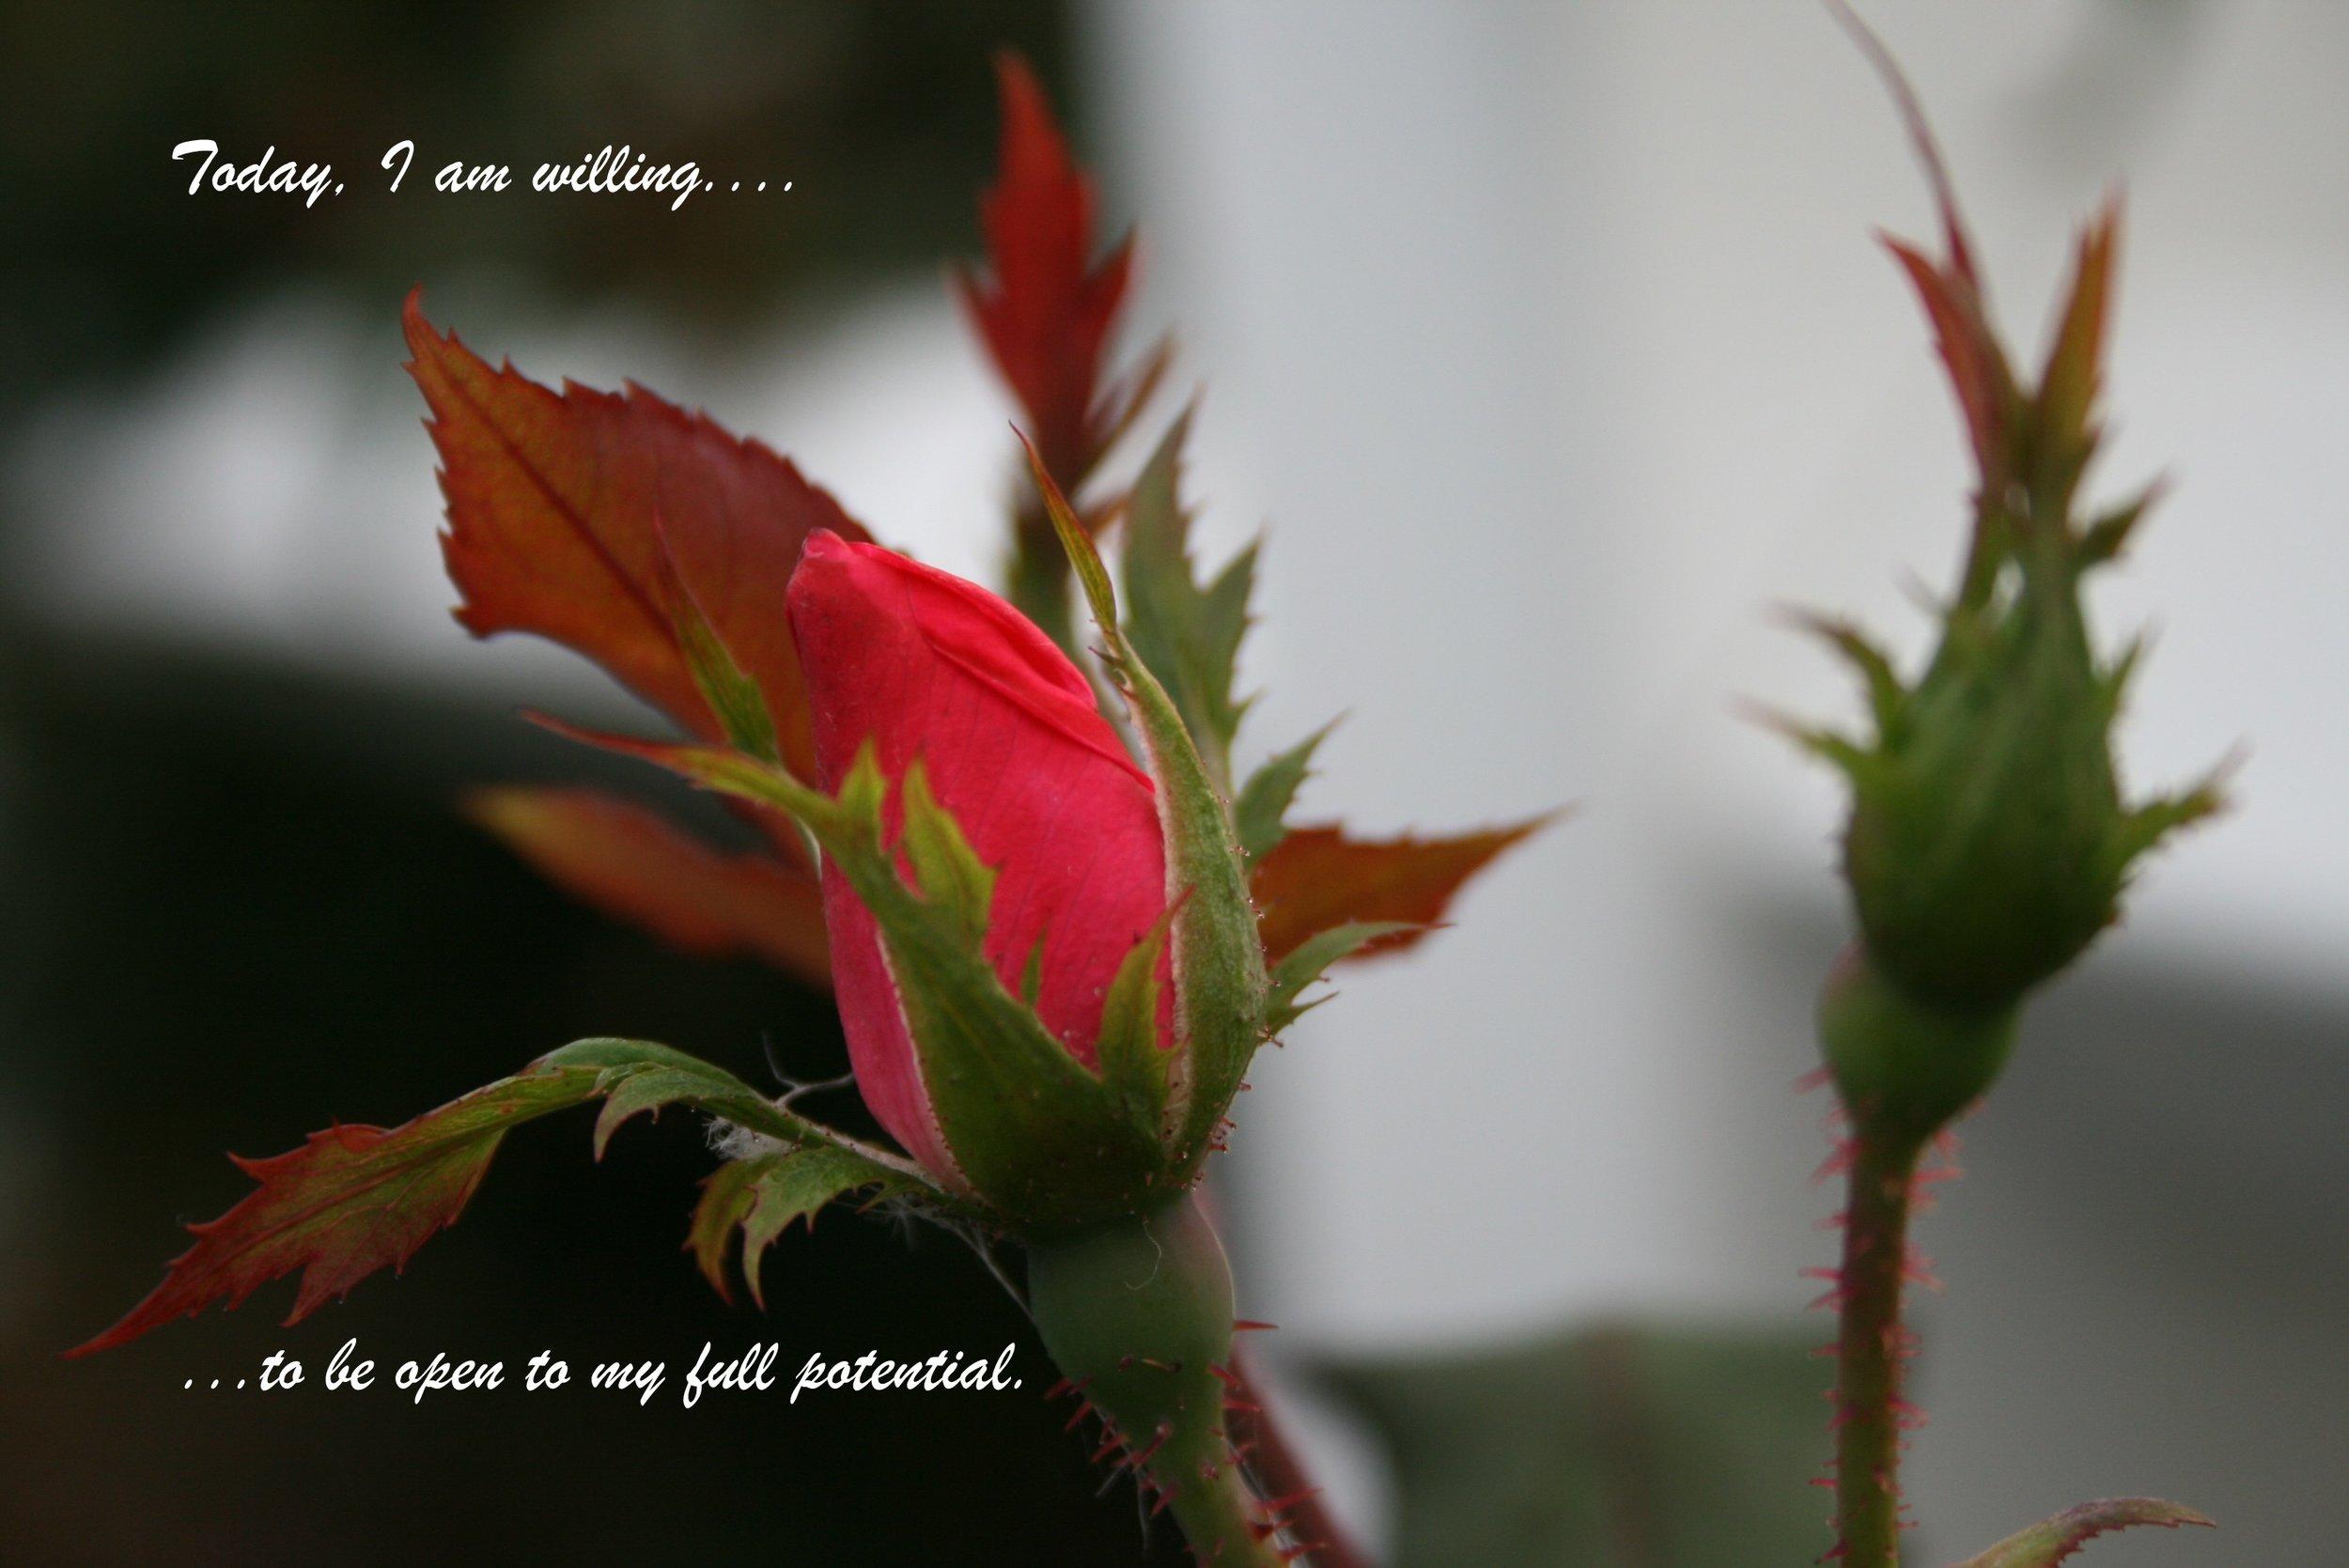 Rosebud_be open to my full potential.jpg